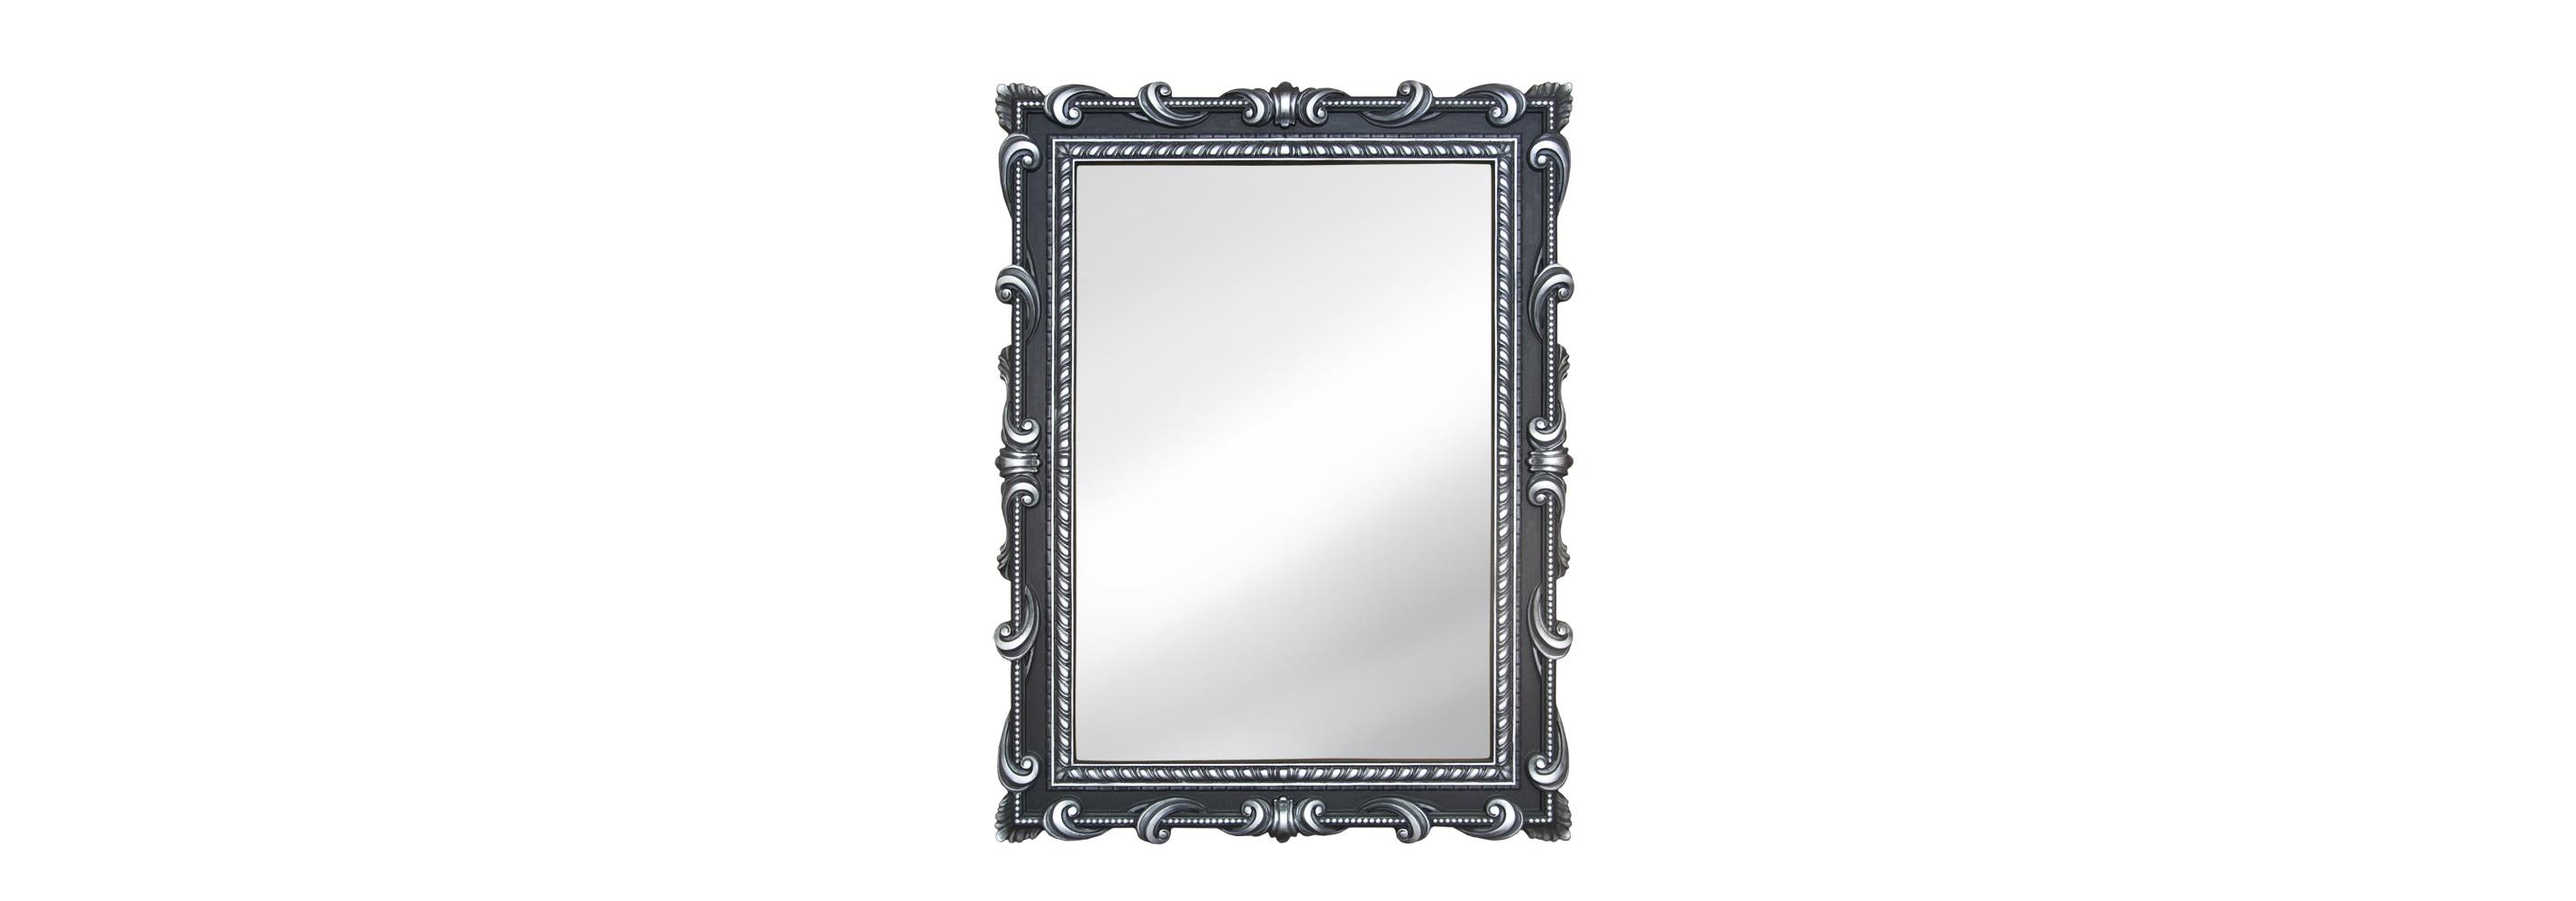 Зеркало ТЕНИАНастенные зеркала<br>&amp;lt;div&amp;gt;&amp;lt;div&amp;gt;Это зеркало ? немного строгое, чуть брутальное, классическое, но совсем не скучное. Изящная резьба в античном стиле выполнена по композитному полиуретану. Этот современный материал отличается от традиционного дерева неприхотливостью, влагоустойчивостью, простотой в уходе и приятным ценником. Лакокрасочное покрытие держится на нем на века и не теряет изначальных оттенков.&amp;lt;/div&amp;gt;&amp;lt;/div&amp;gt;&amp;lt;div&amp;gt;&amp;lt;br&amp;gt;&amp;lt;/div&amp;gt;&amp;lt;div&amp;gt;Цвет:&amp;amp;nbsp;Черное Серебро&amp;lt;/div&amp;gt;<br><br>Material: Полиуретан<br>Length см: None<br>Width см: 72<br>Depth см: 4<br>Height см: 94